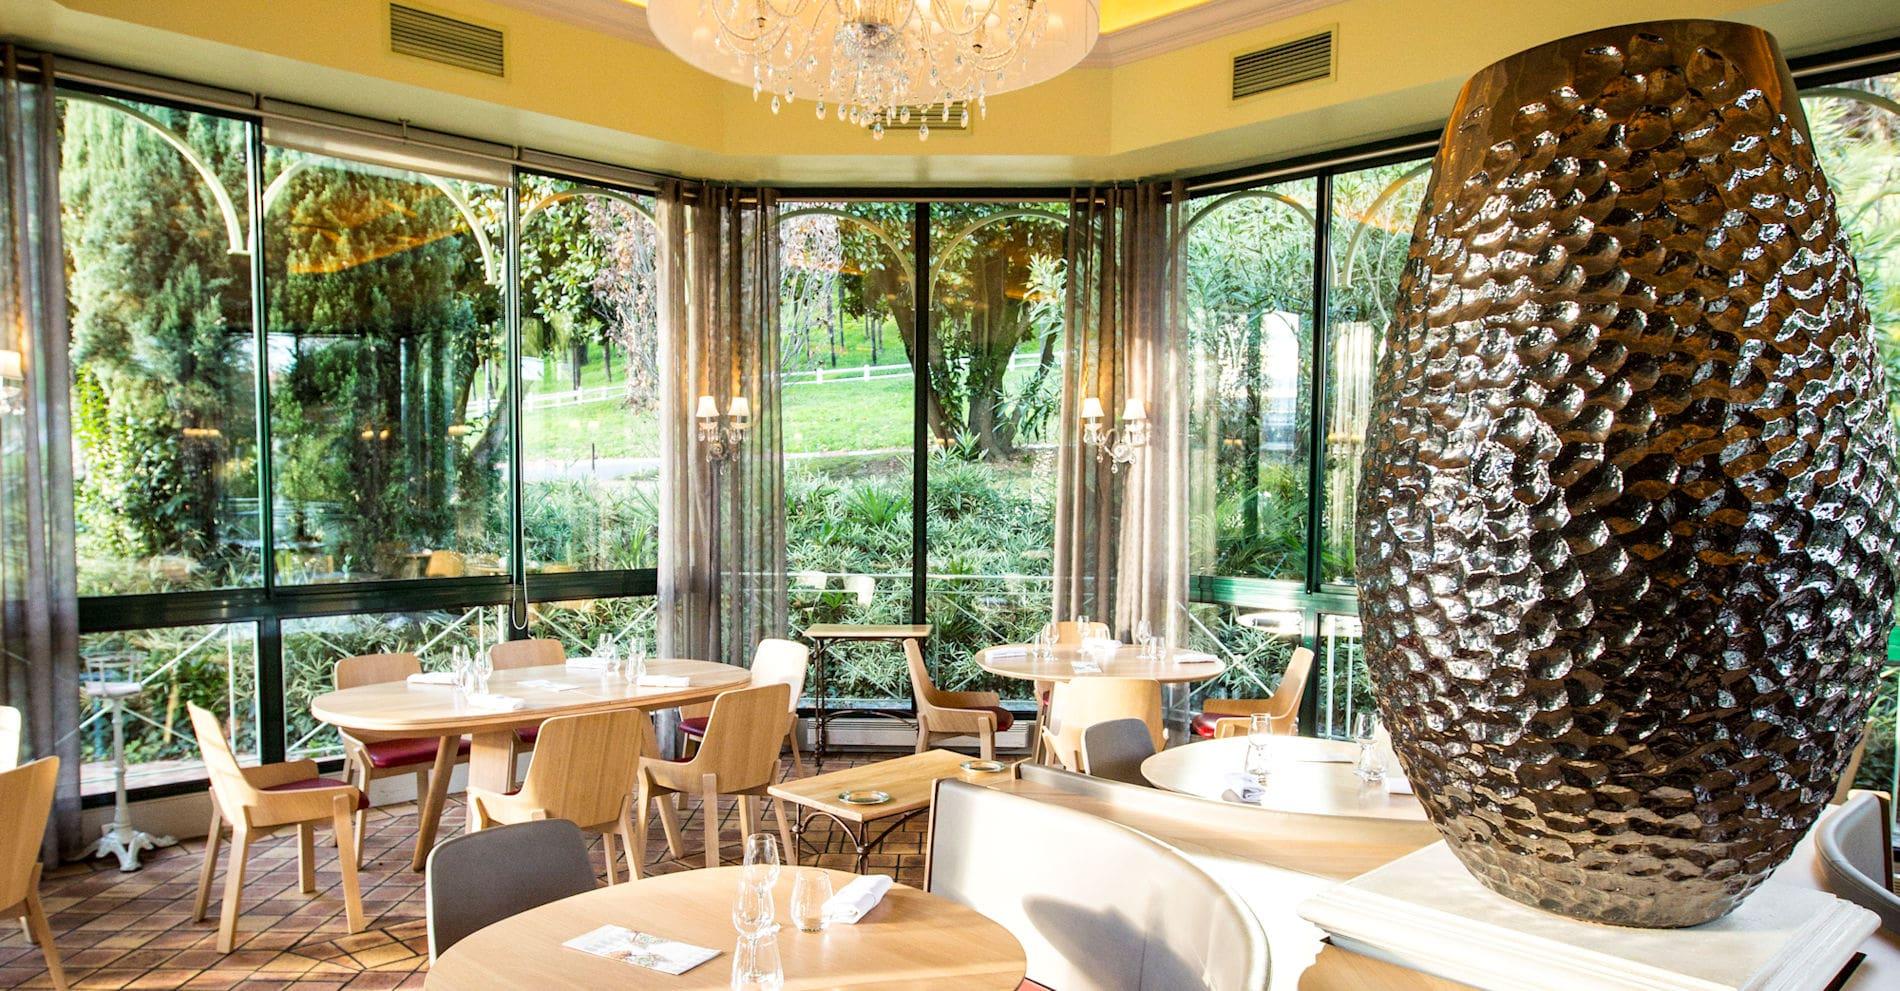 Restaurant au fin gourmet for Au jardin des gourmets